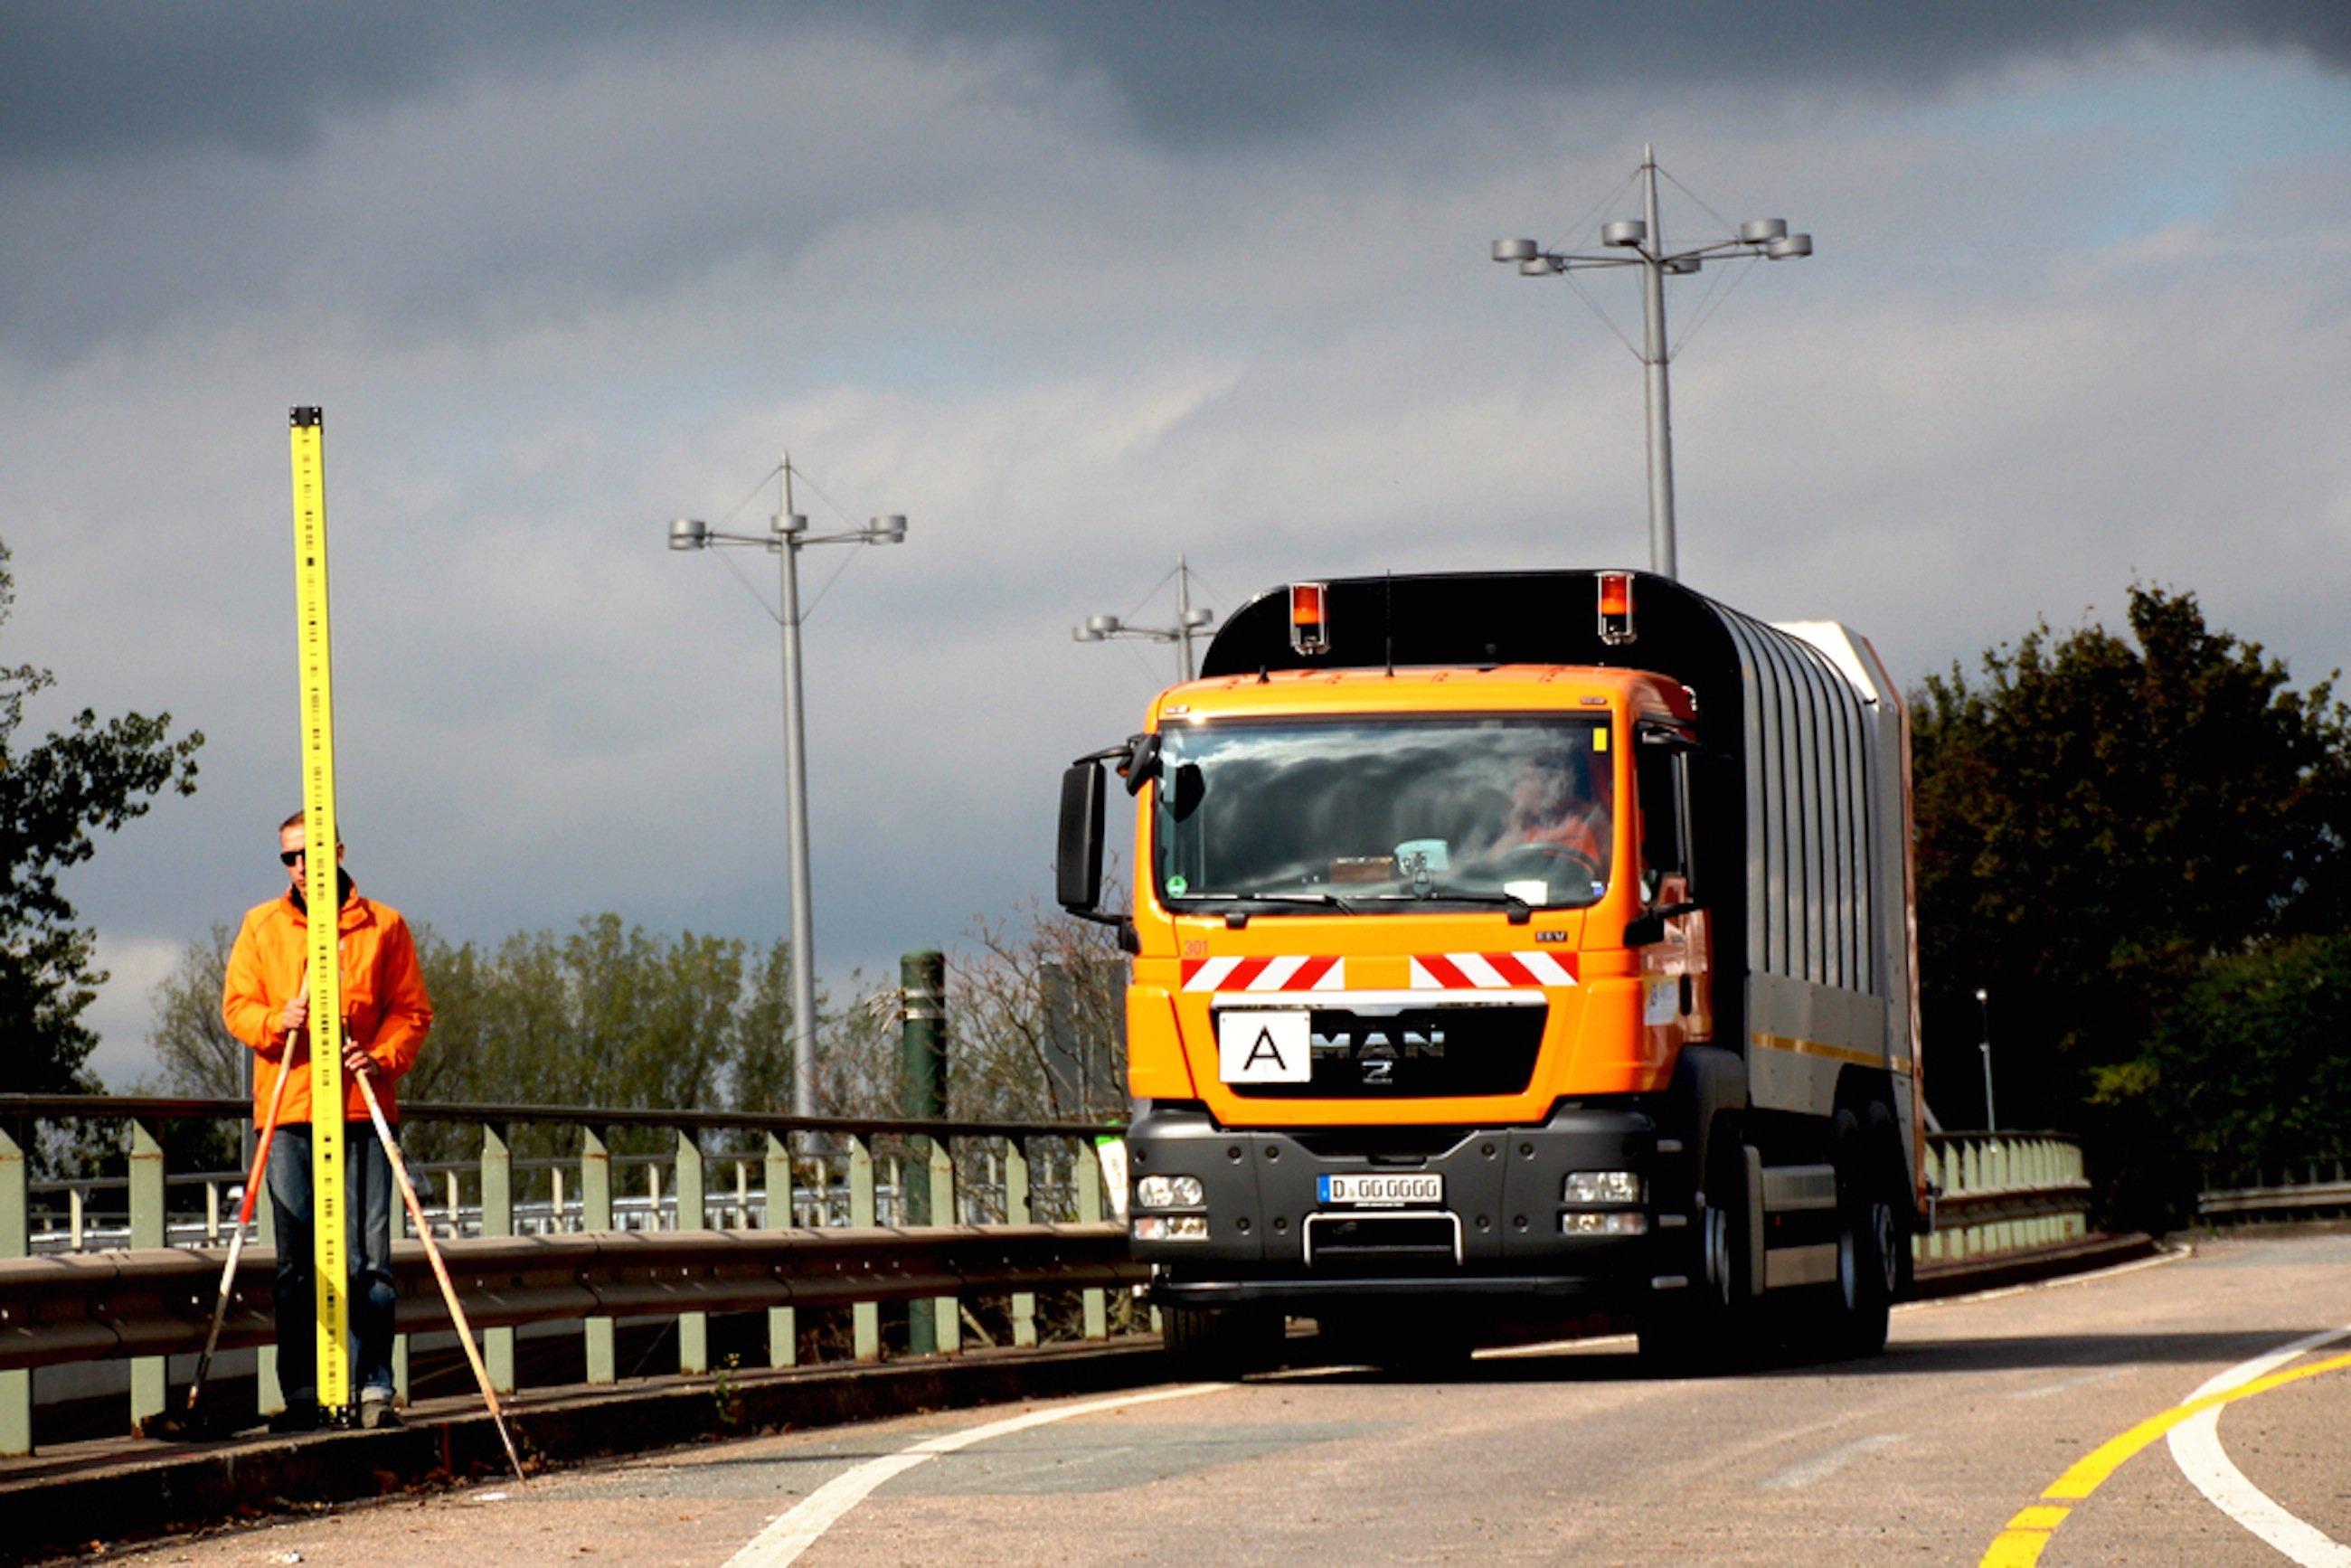 Nach der Sperrung der Brücke testeten die Forscher mit einem Müllwagen, wie sich große Gewichte auf die Brücke auswirken.